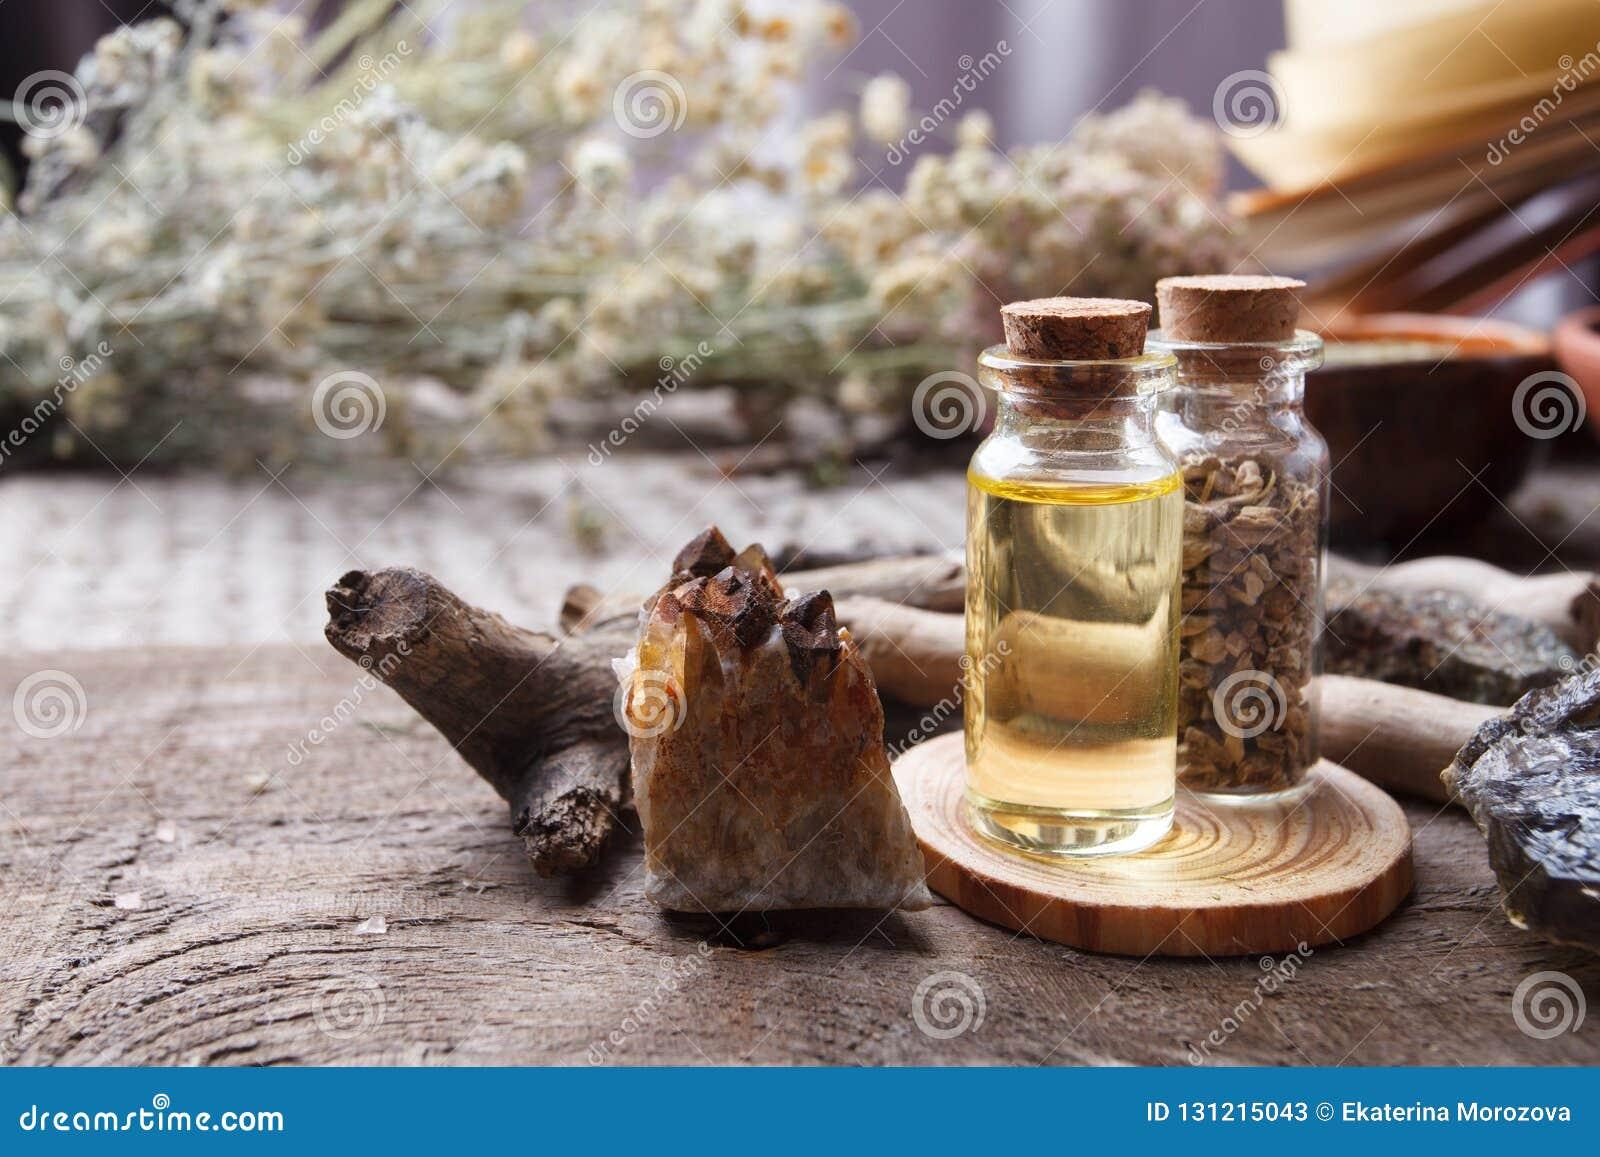 Flaskor med örter, torra blommor, stenar och magiska objekt på häxaträtabellen Ockult, esoterisk, spådom- och wiccabegrepp